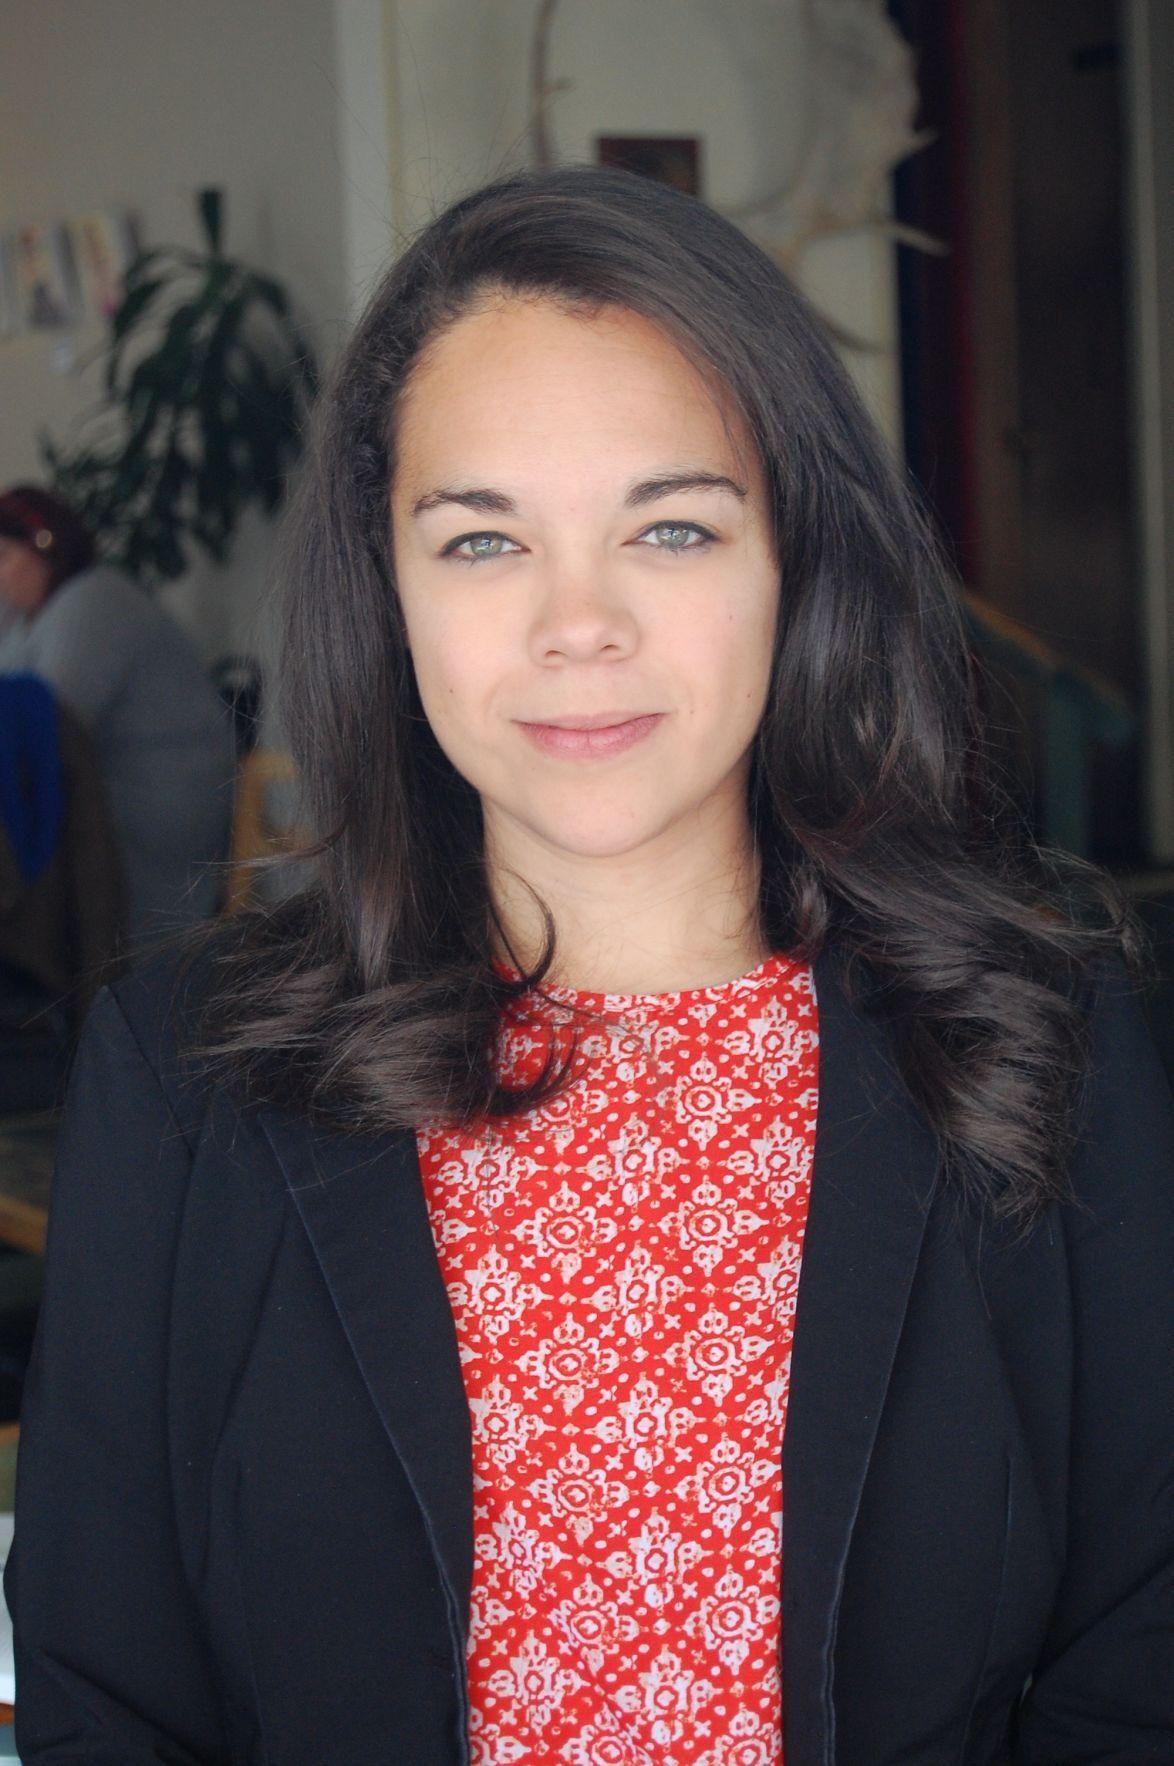 Stephanie Tyree